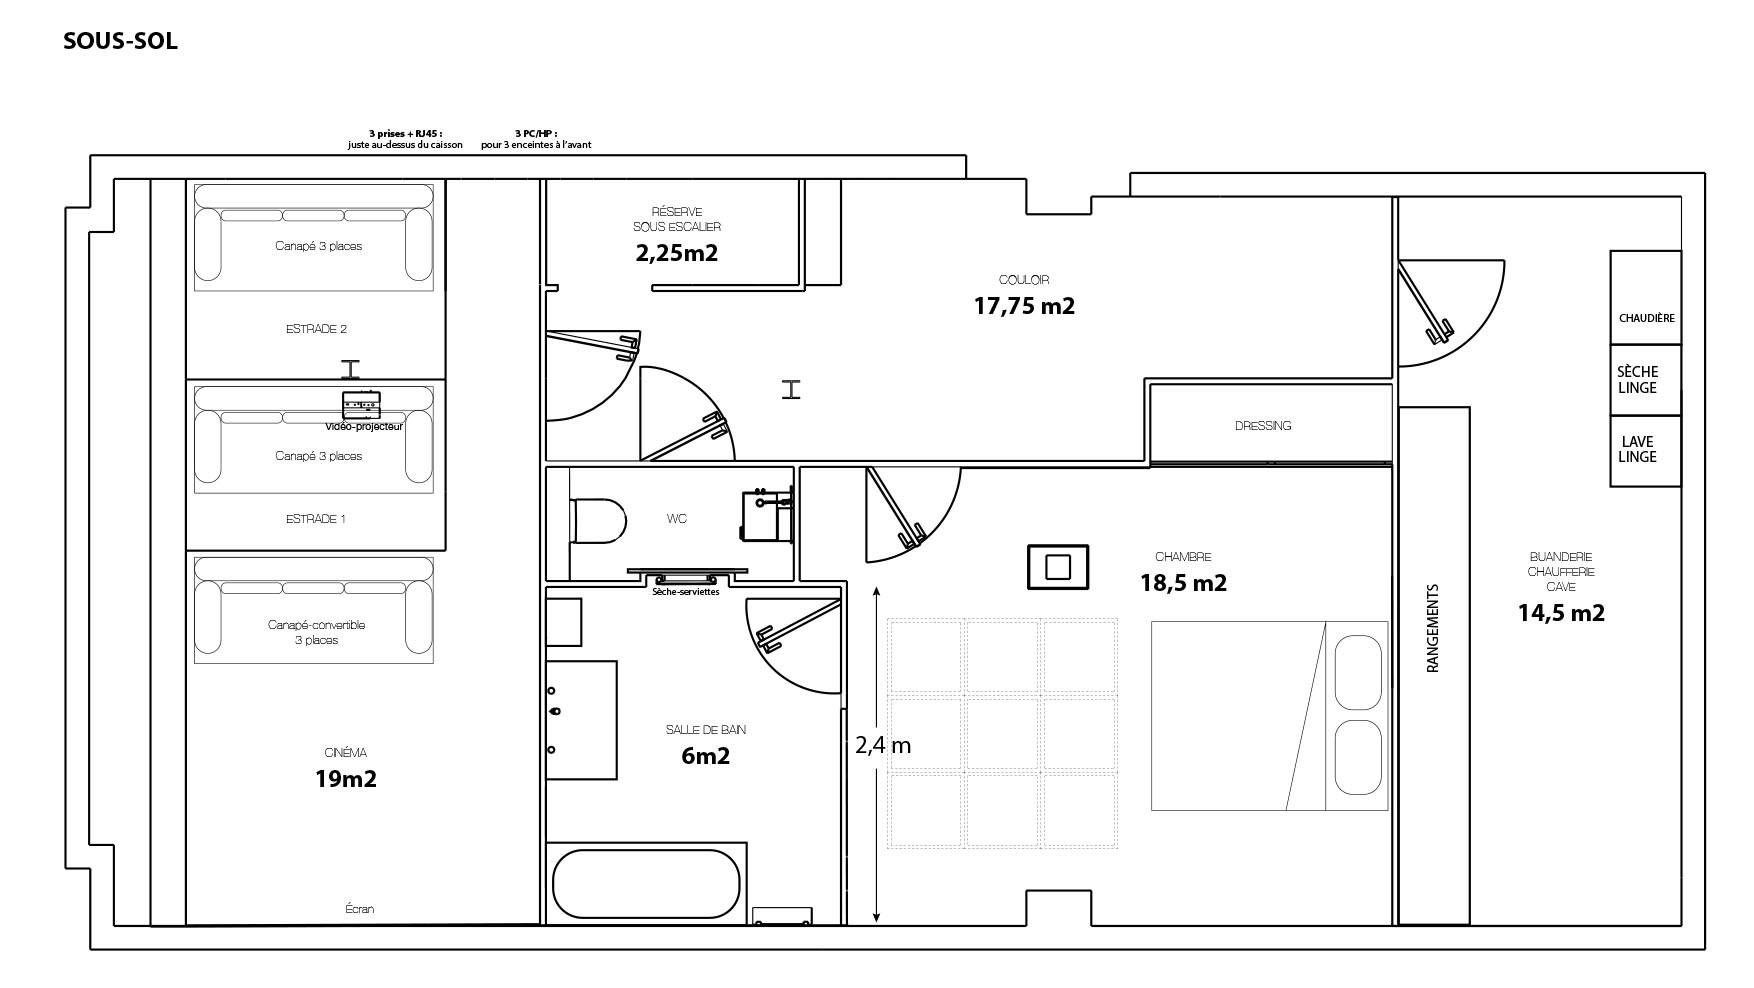 Plan du projet - sous-sol